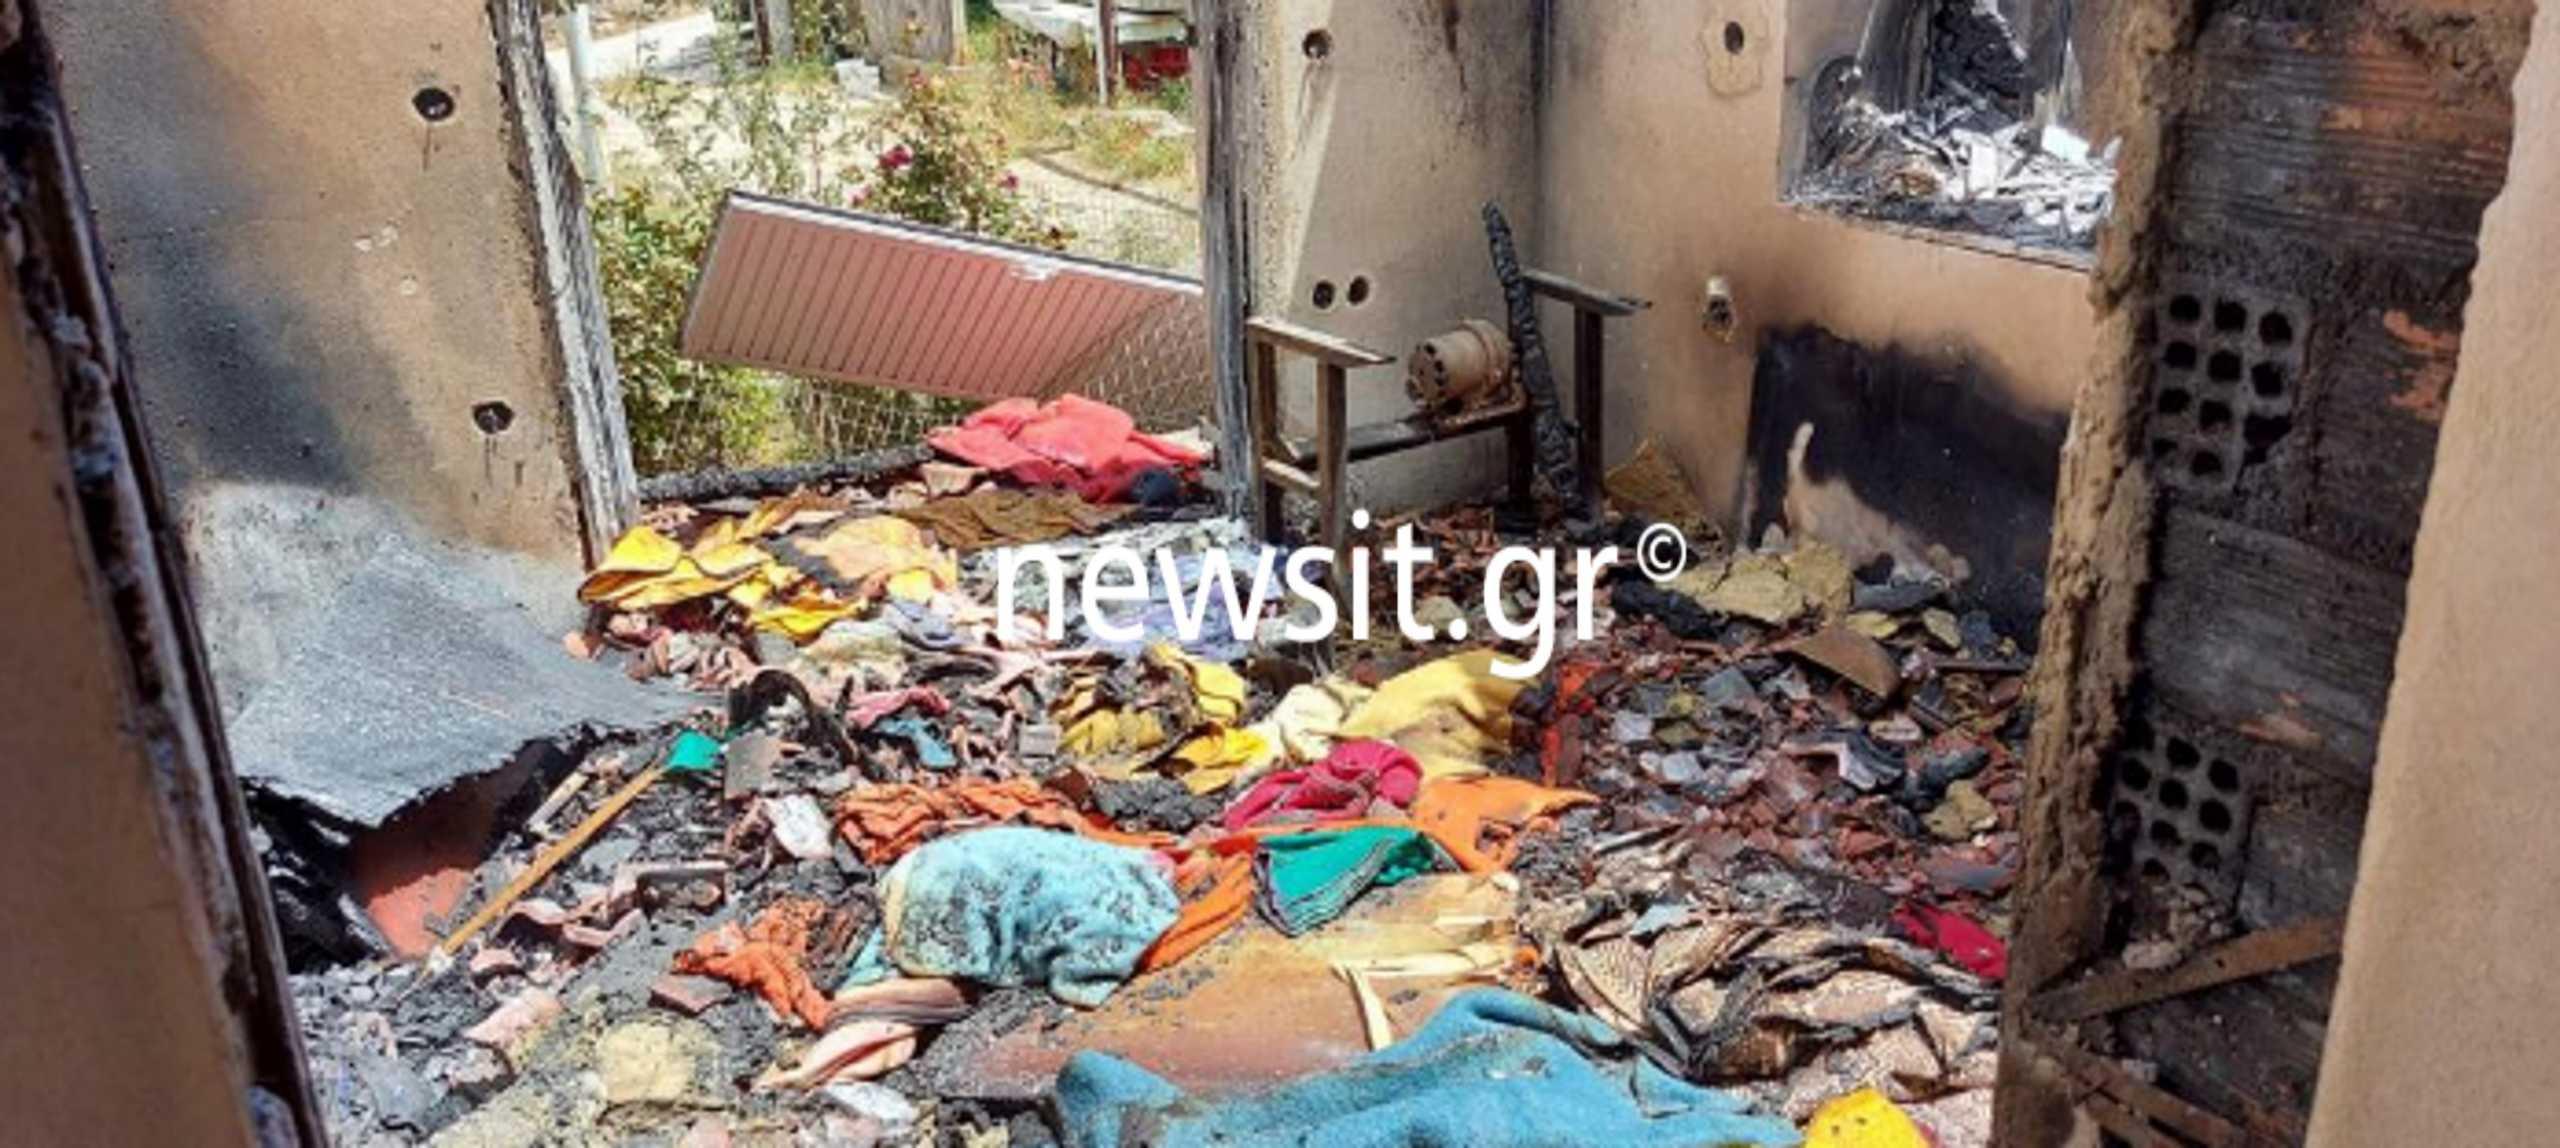 Φωτιά στο Αλεποχώρι: Άνθρωποι θα καιγόντουσαν ζωντανοί – Πώς σώθηκαν (pics, vid)